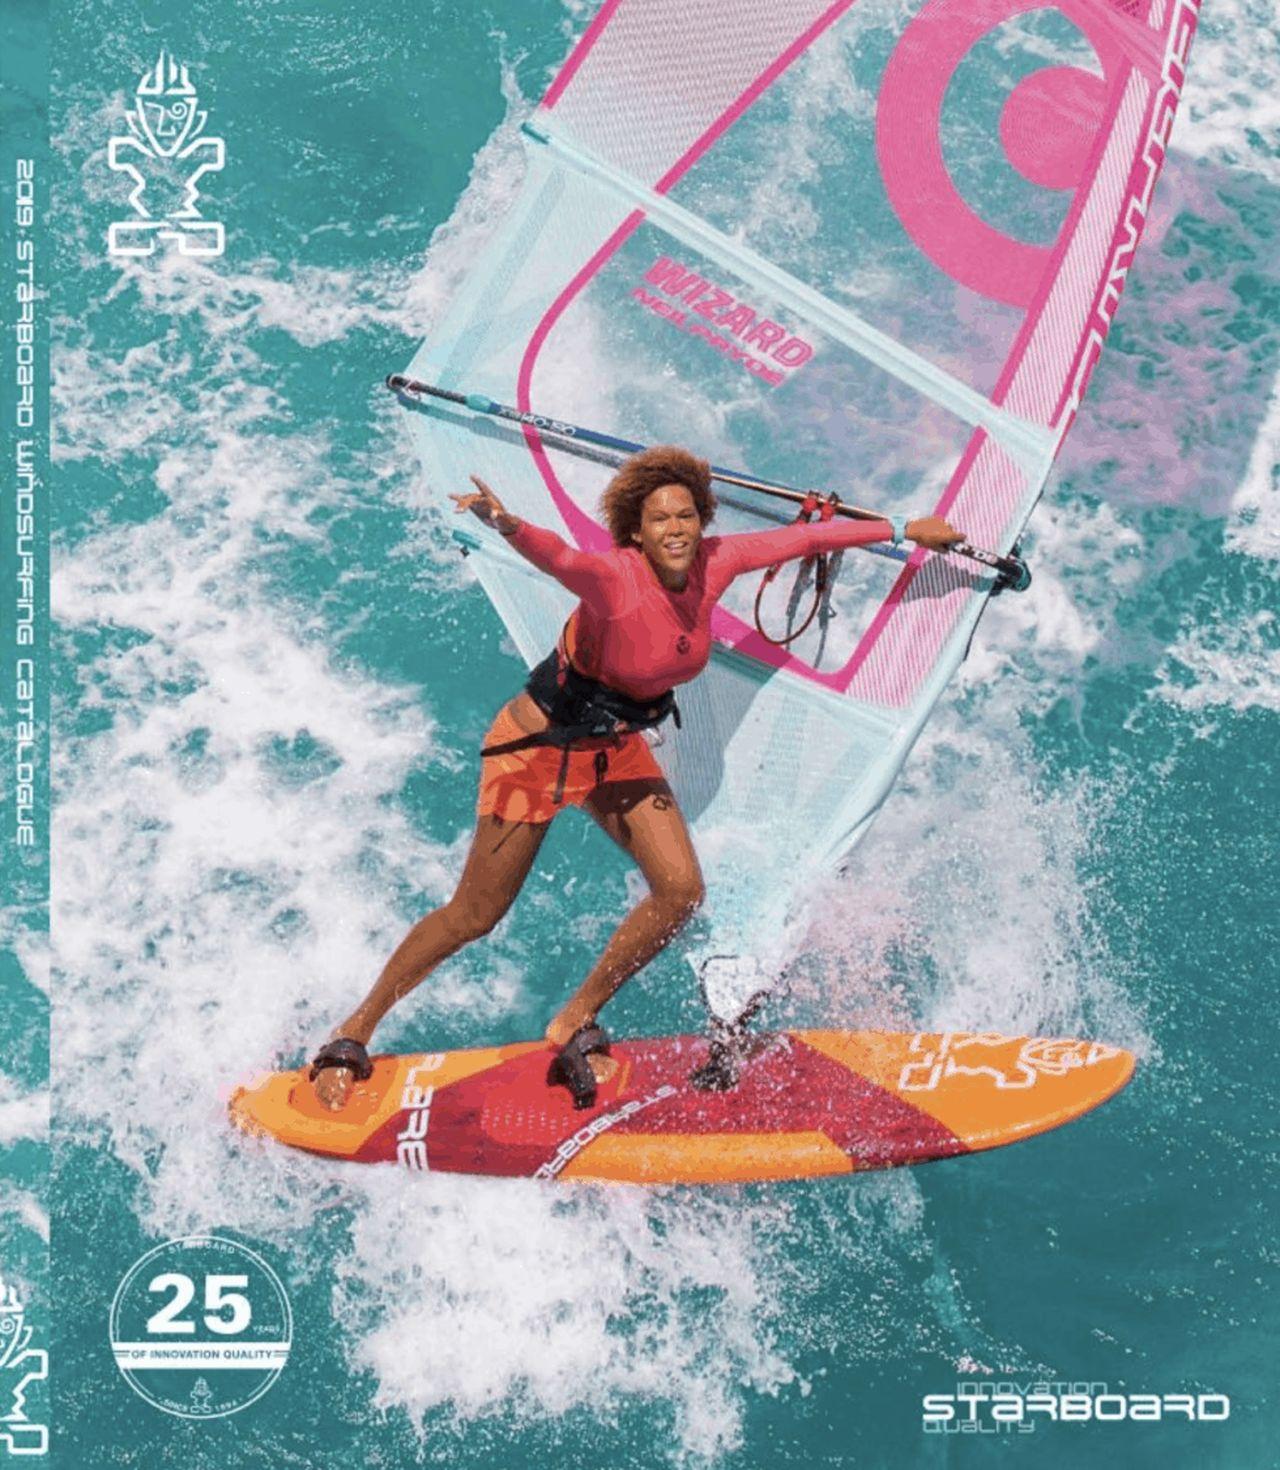 16 X Sarah-Quita + Starboard-15   Windsurf